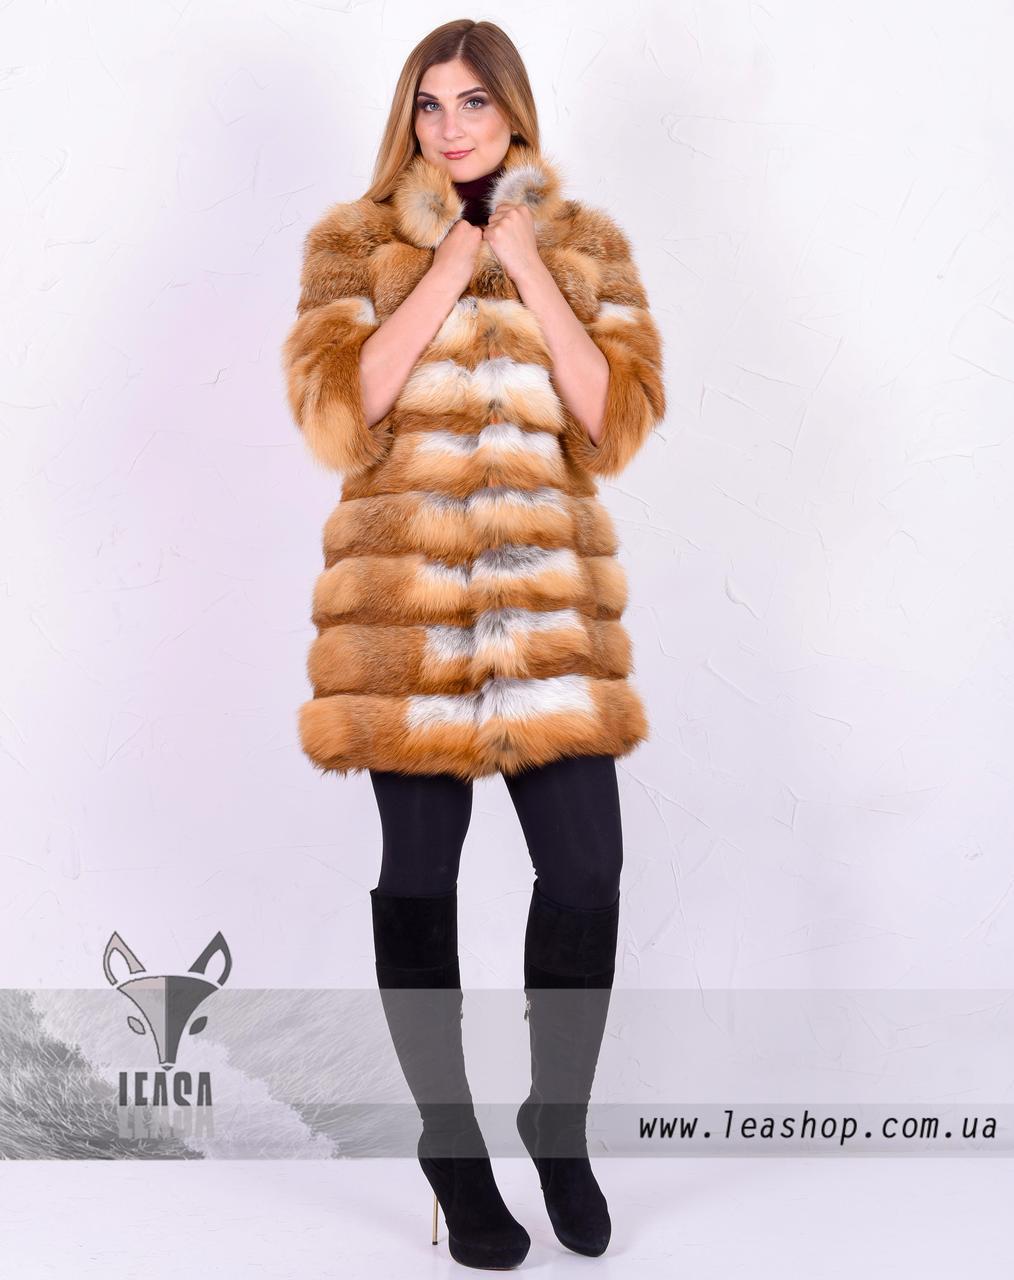 6a895517d1b9f Женская шуба из лисы - Женские шубы и меховые жилетки от Украинского  производителя   LEAshop в